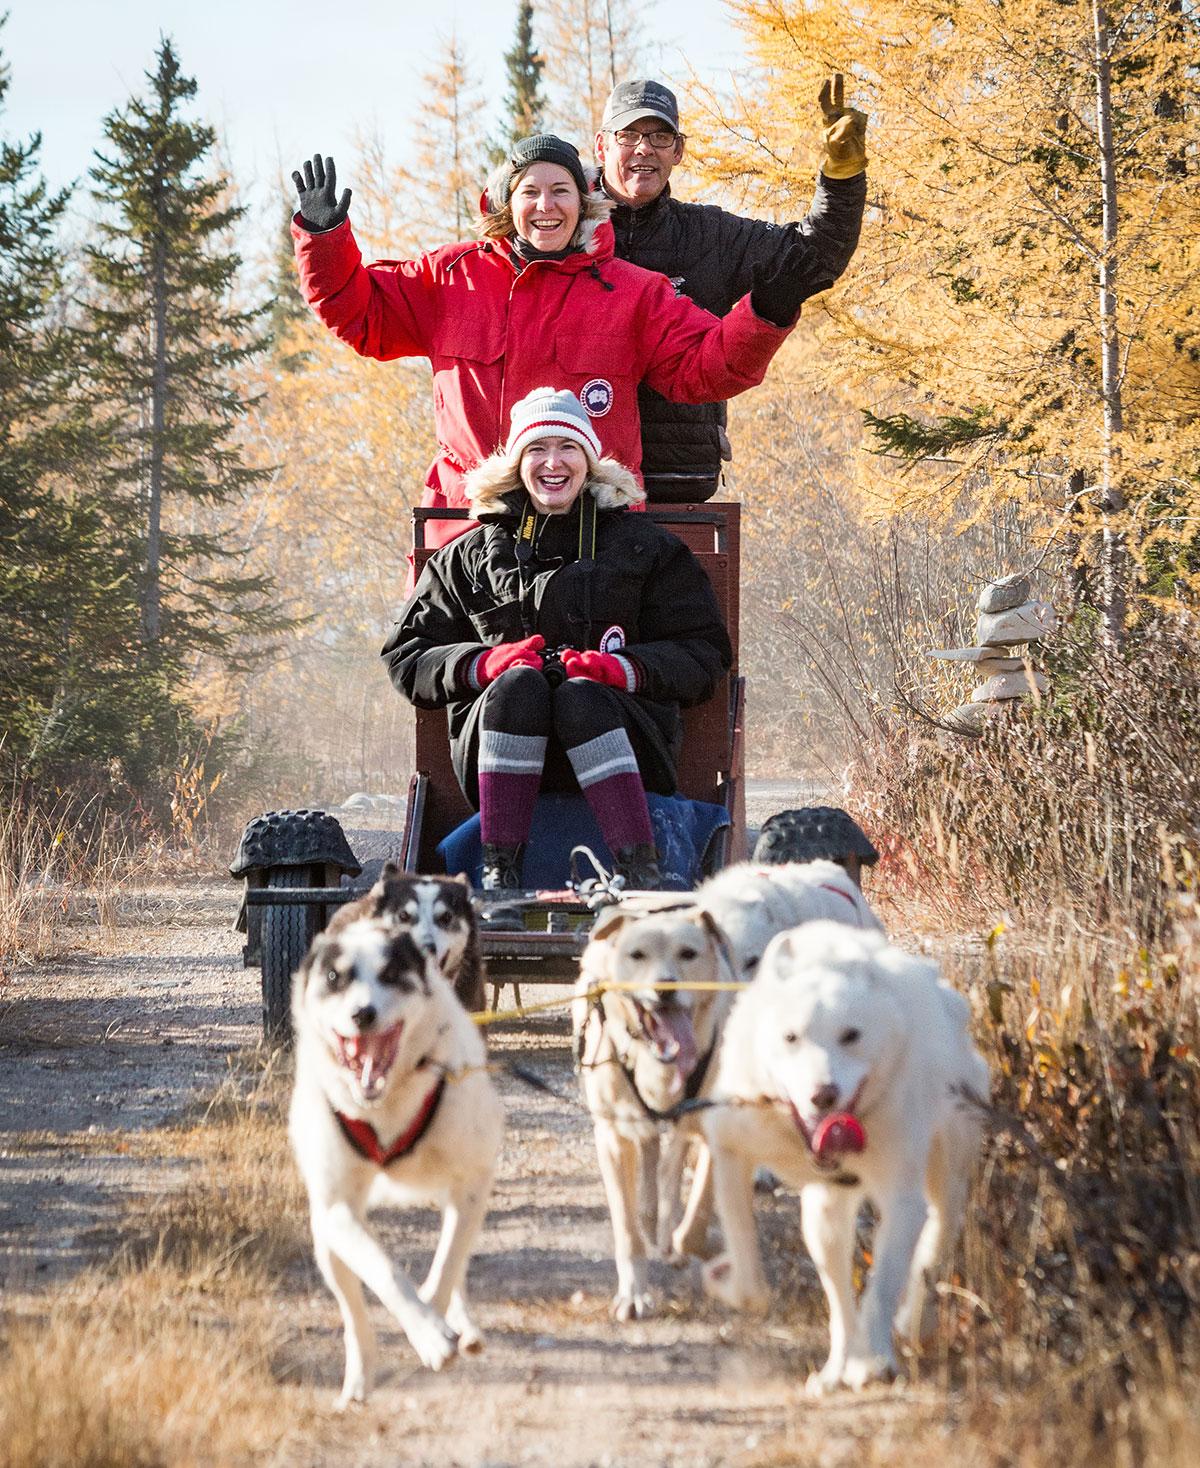 Hundeschlitten Churchill Wapusk Adventures